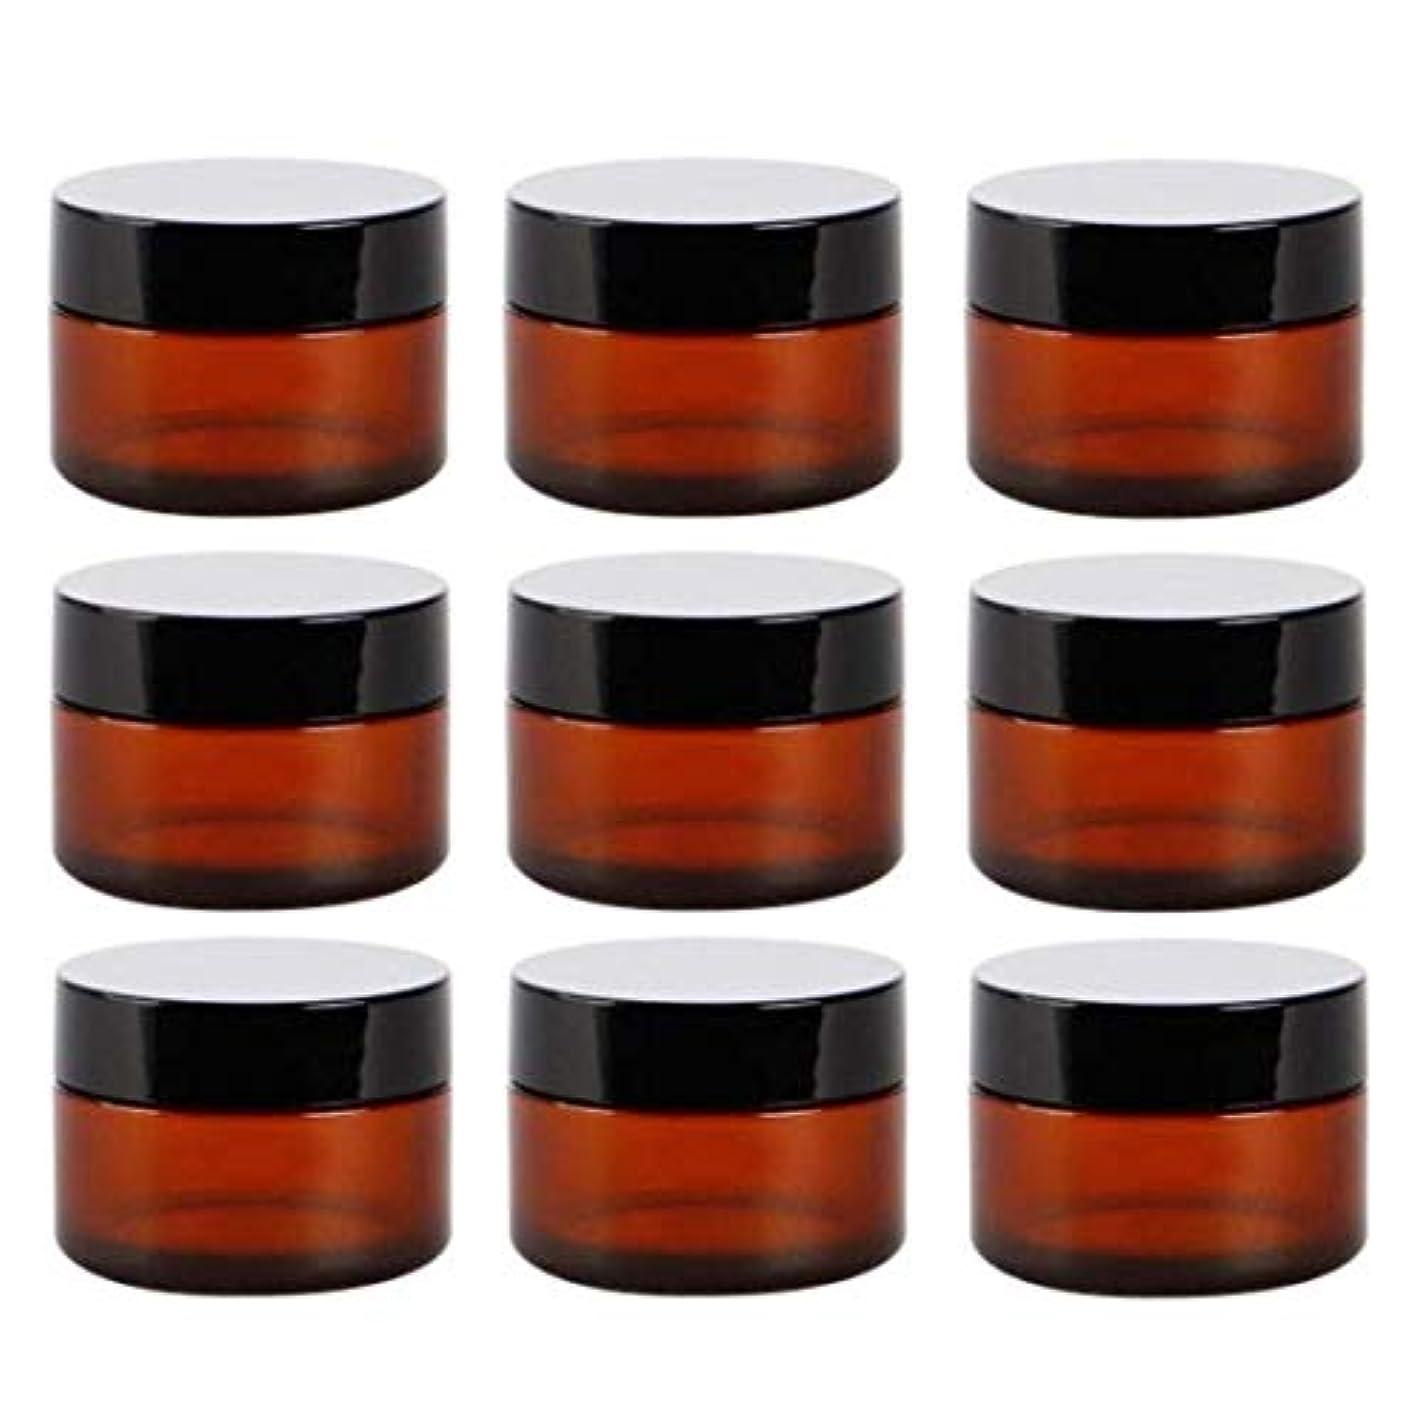 敷居抑圧者変形アロマオイル 精油 香水やアロマの保存 小分け用 遮光瓶 詰替え ガラス製 9本セット茶色10g